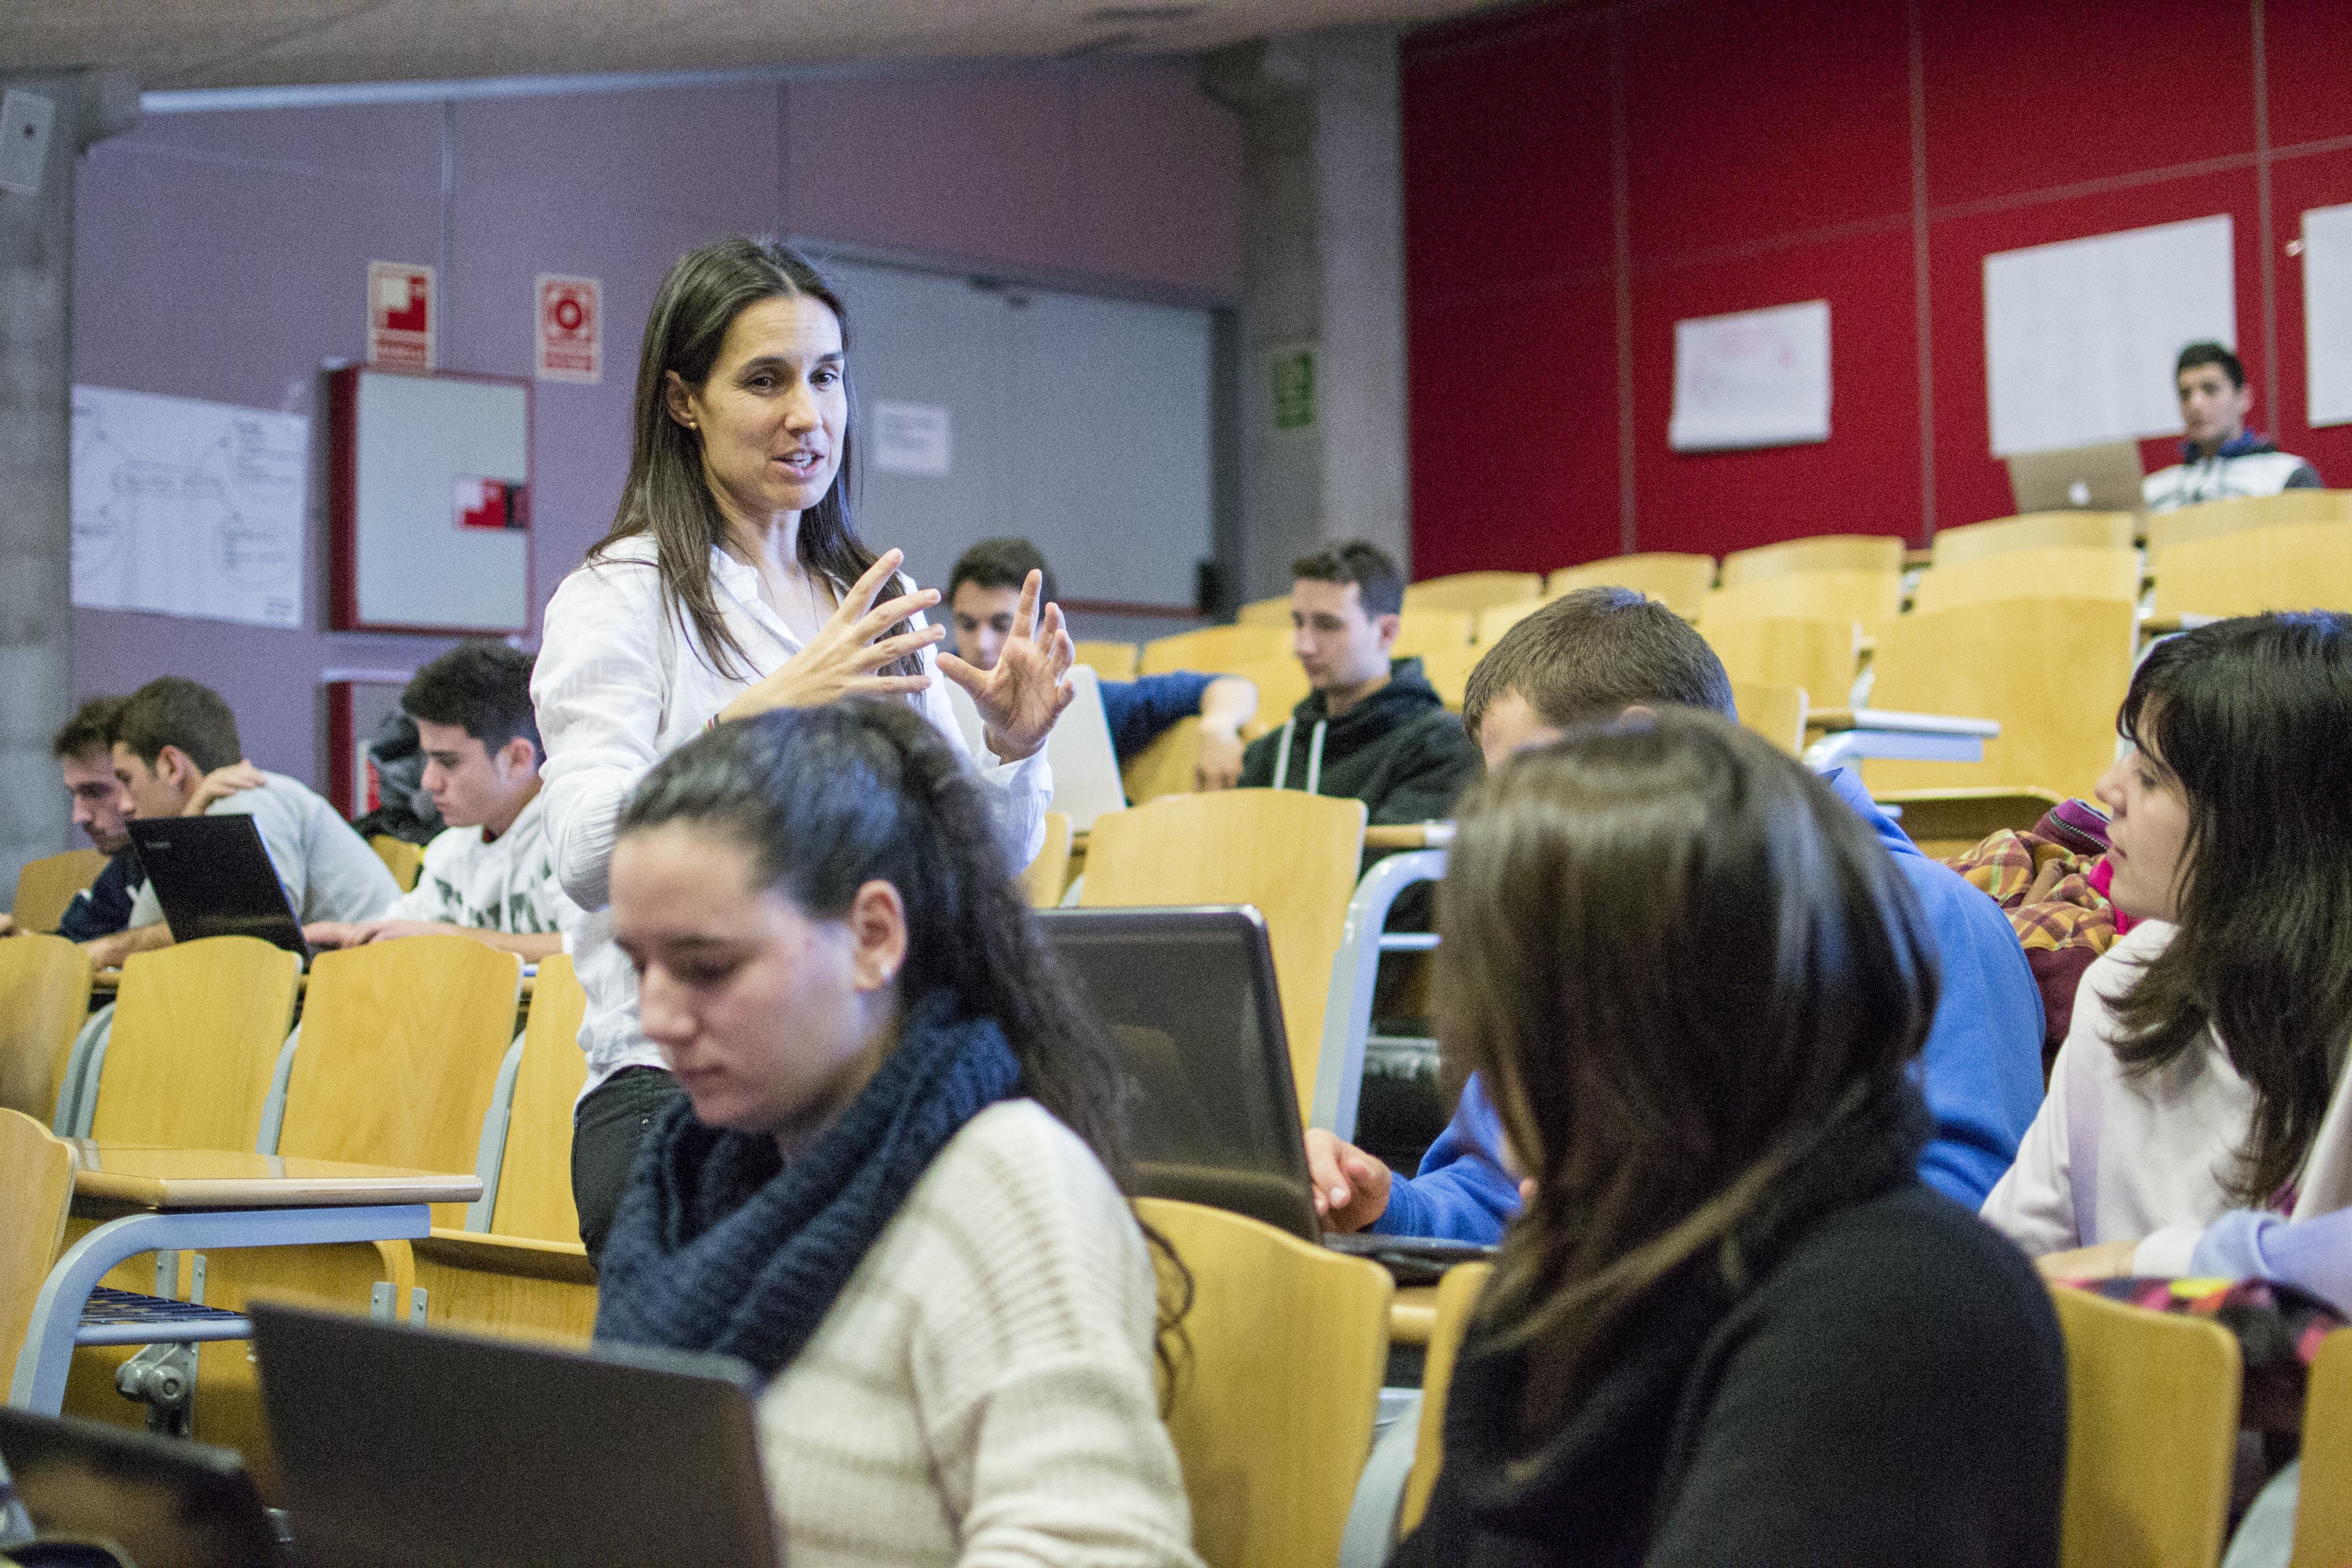 Doble titulació en els graus de CAFE i Fisioteràpia a EUSES-UdG?